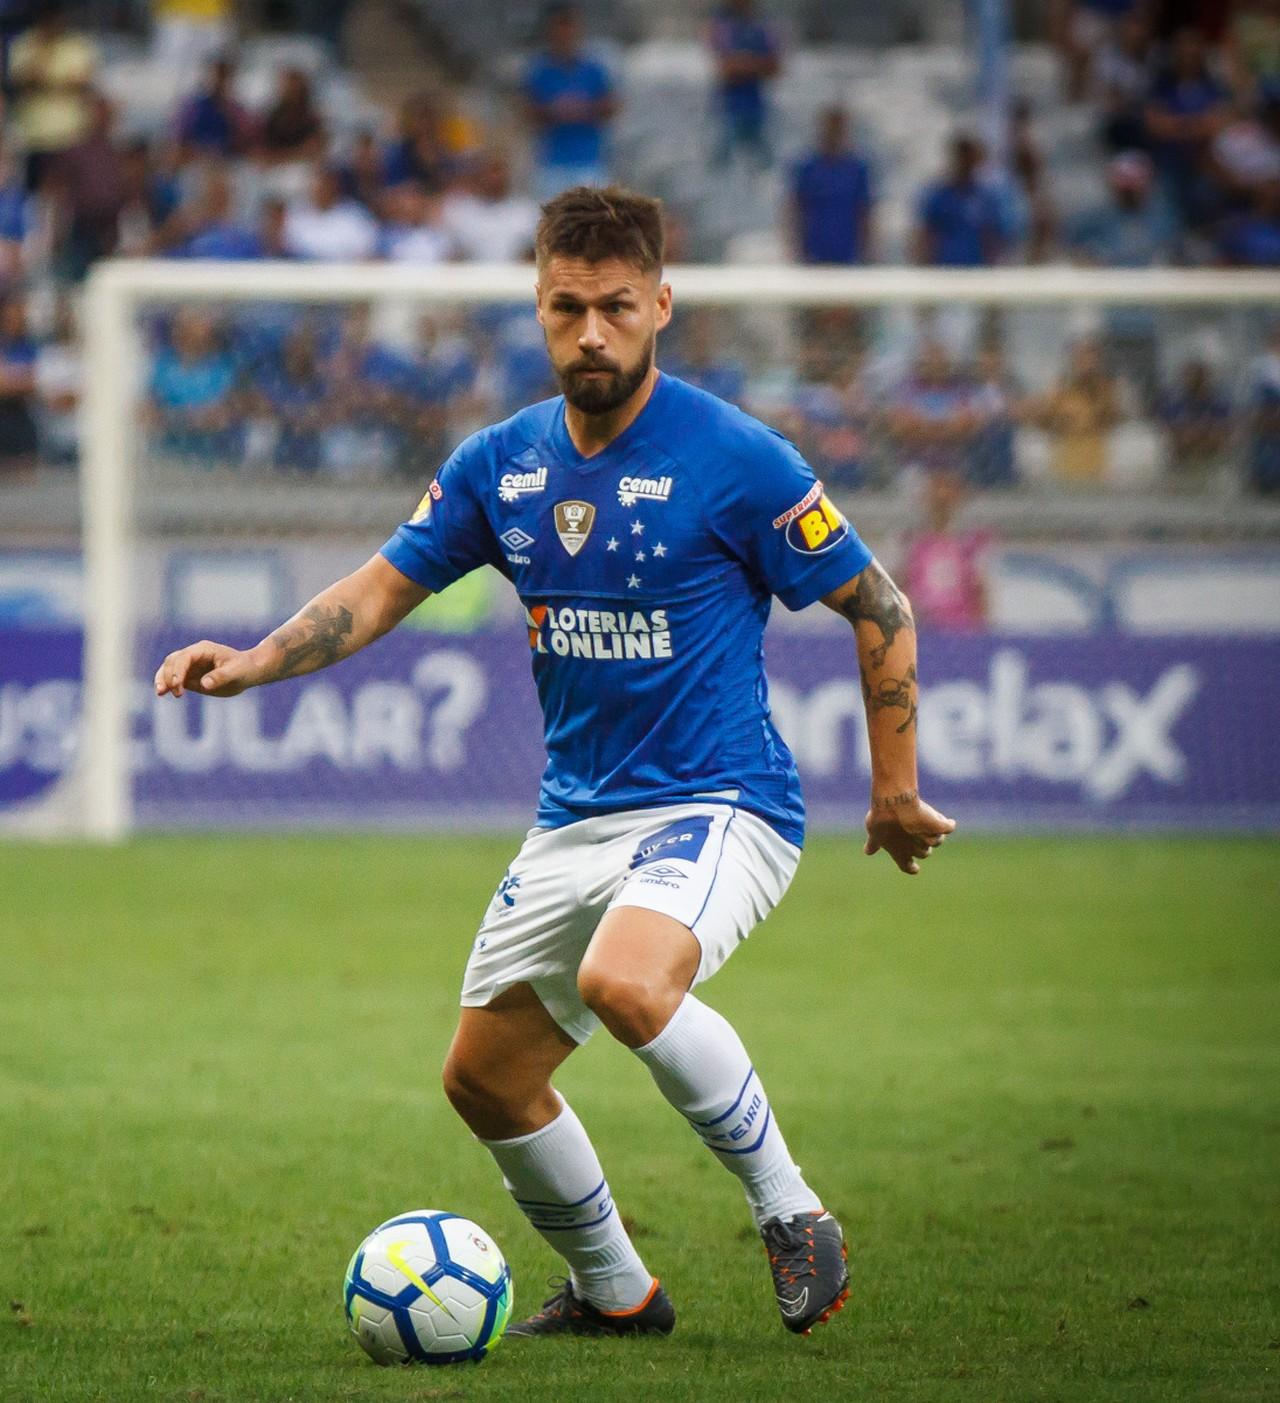 Artilheiro em 2017, Sobis, agora coadjuvante, tem chance de redenção no Cruzeiro em decisão